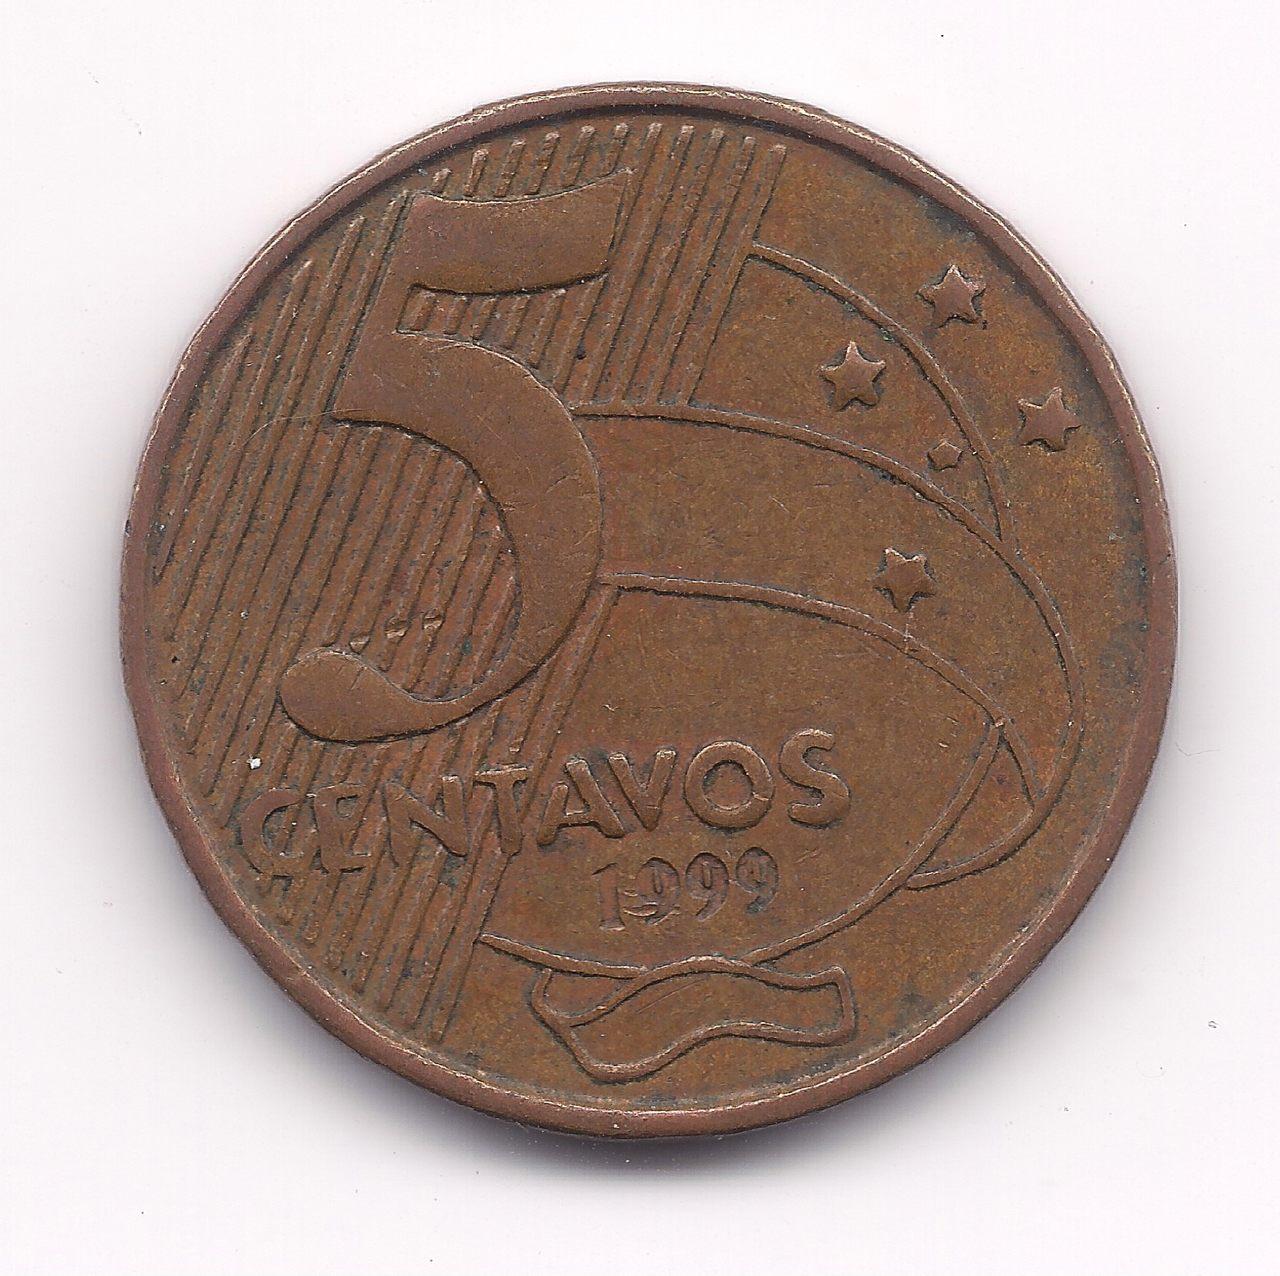 V465 - 5 Centavos 1999